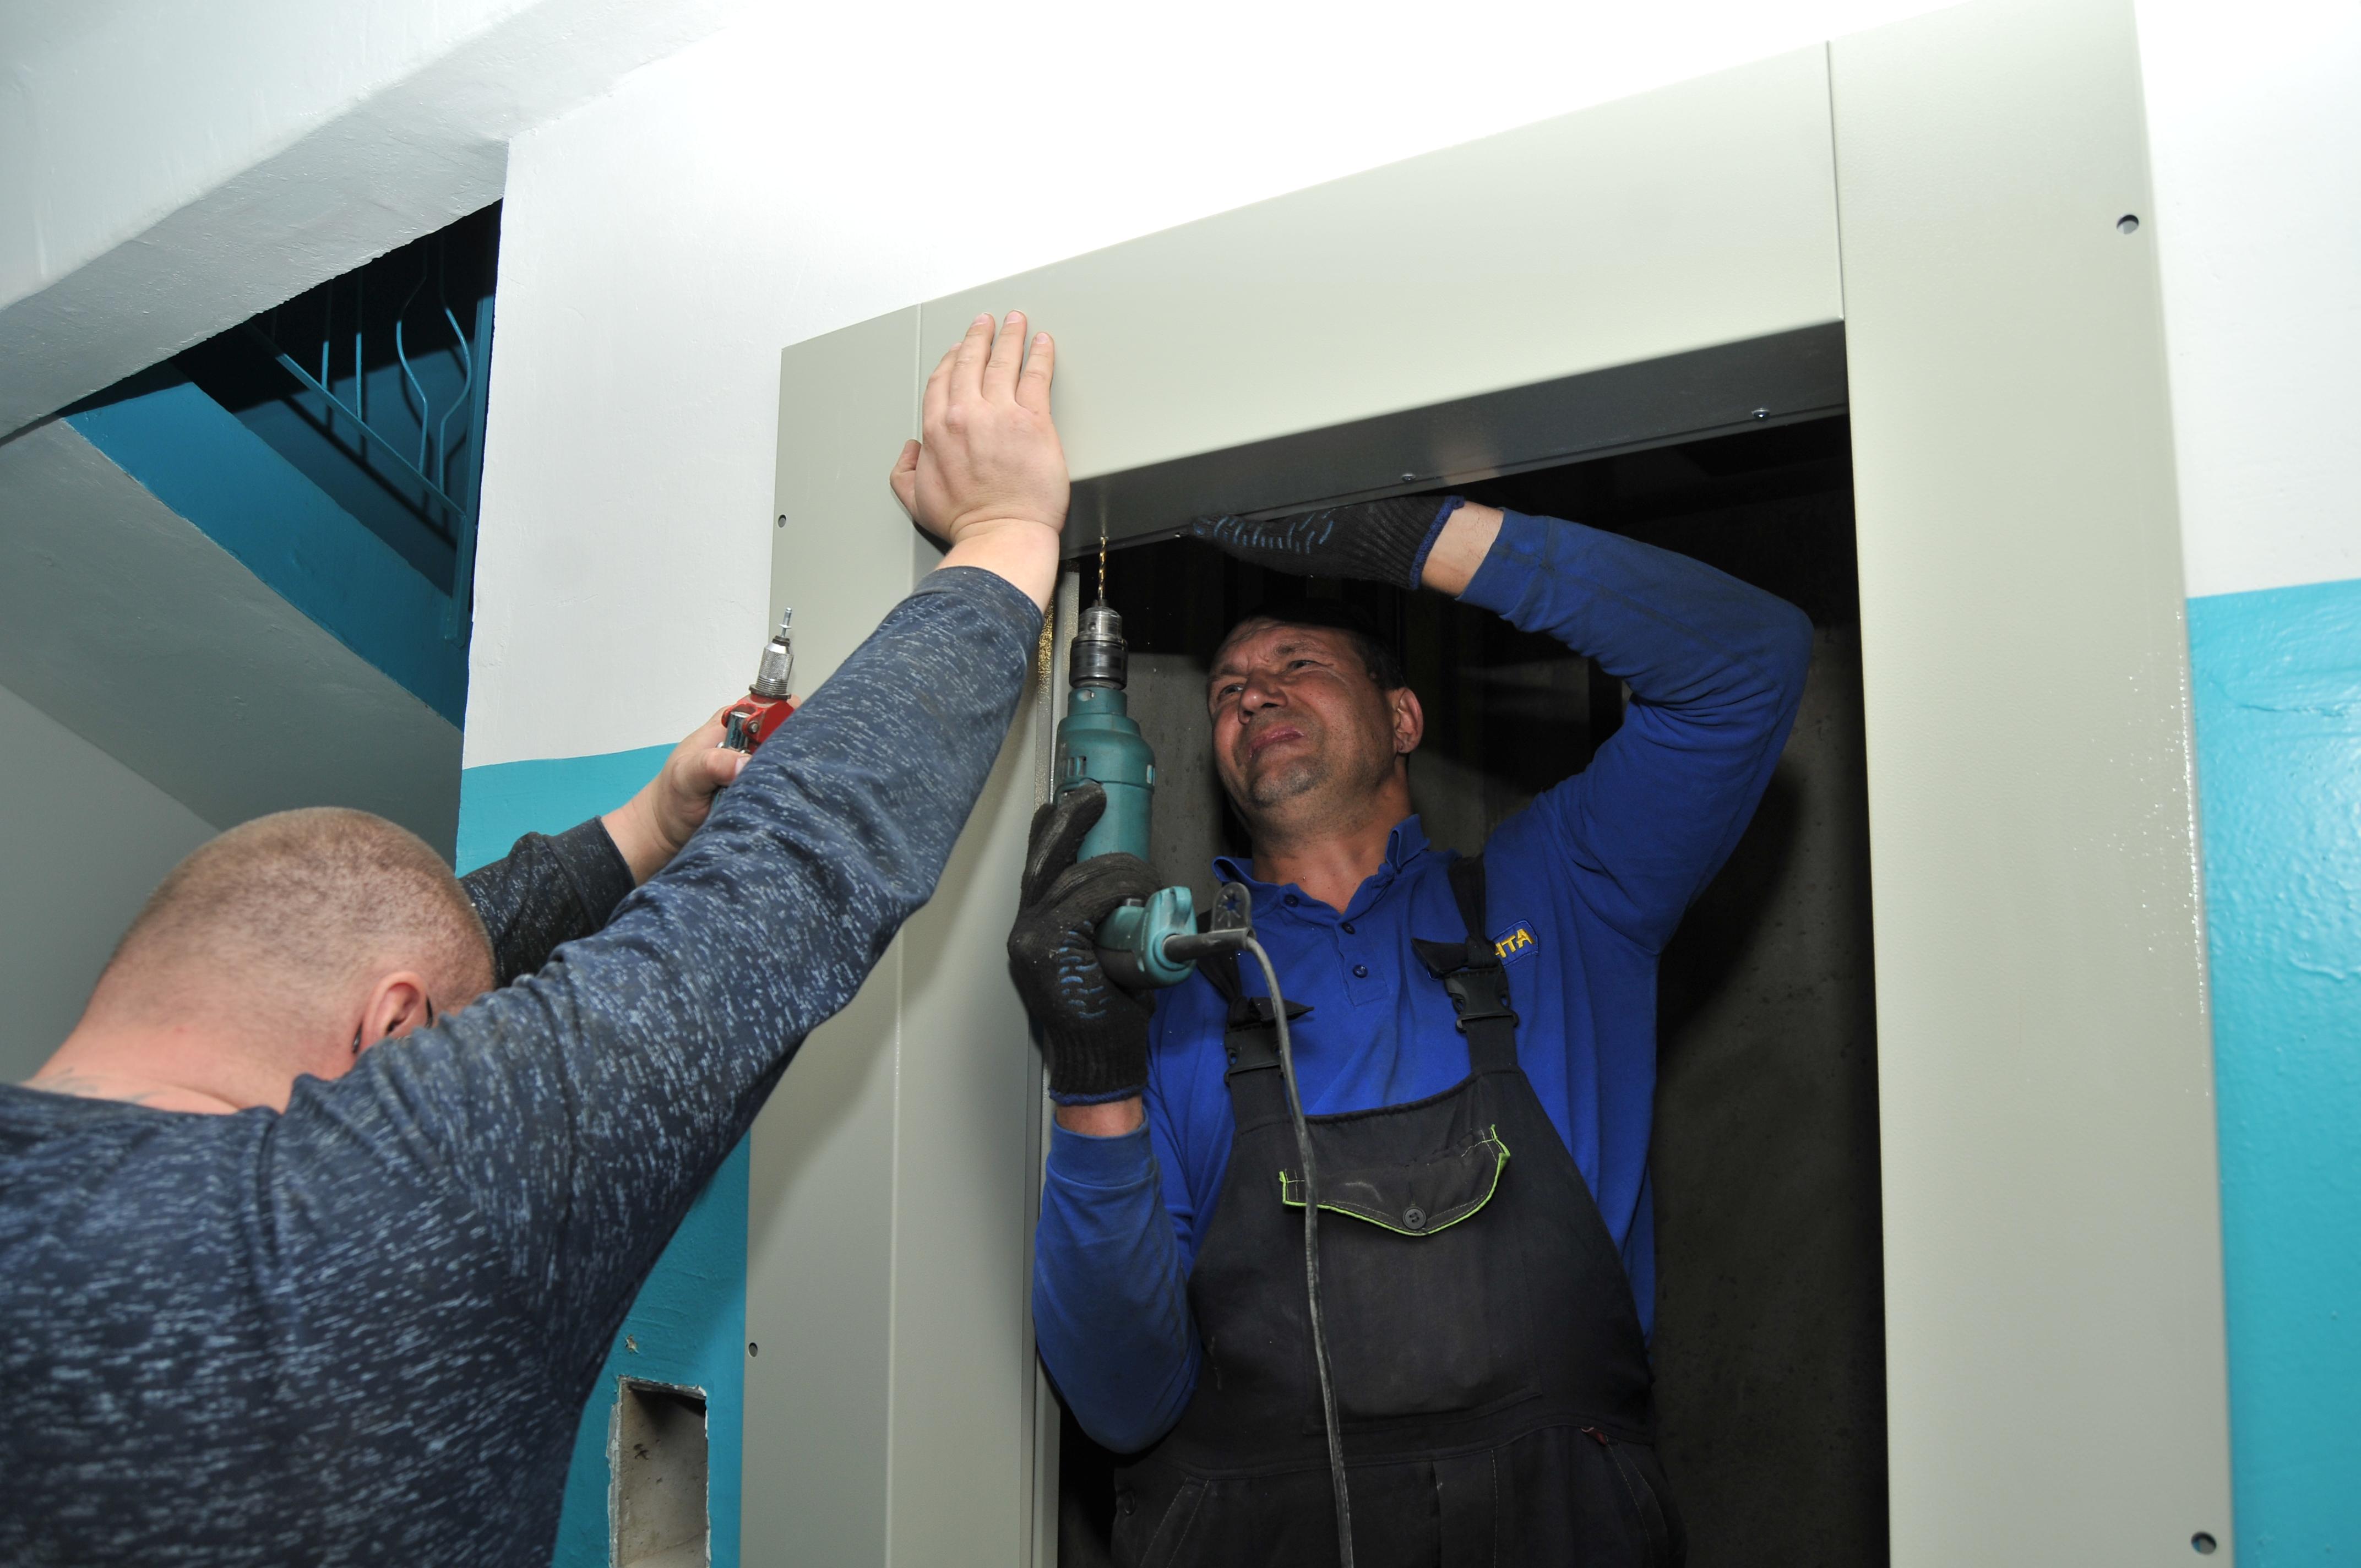 Управляющая компания «Потенциал» добилась переноса капремонта лифтов на ранний срок